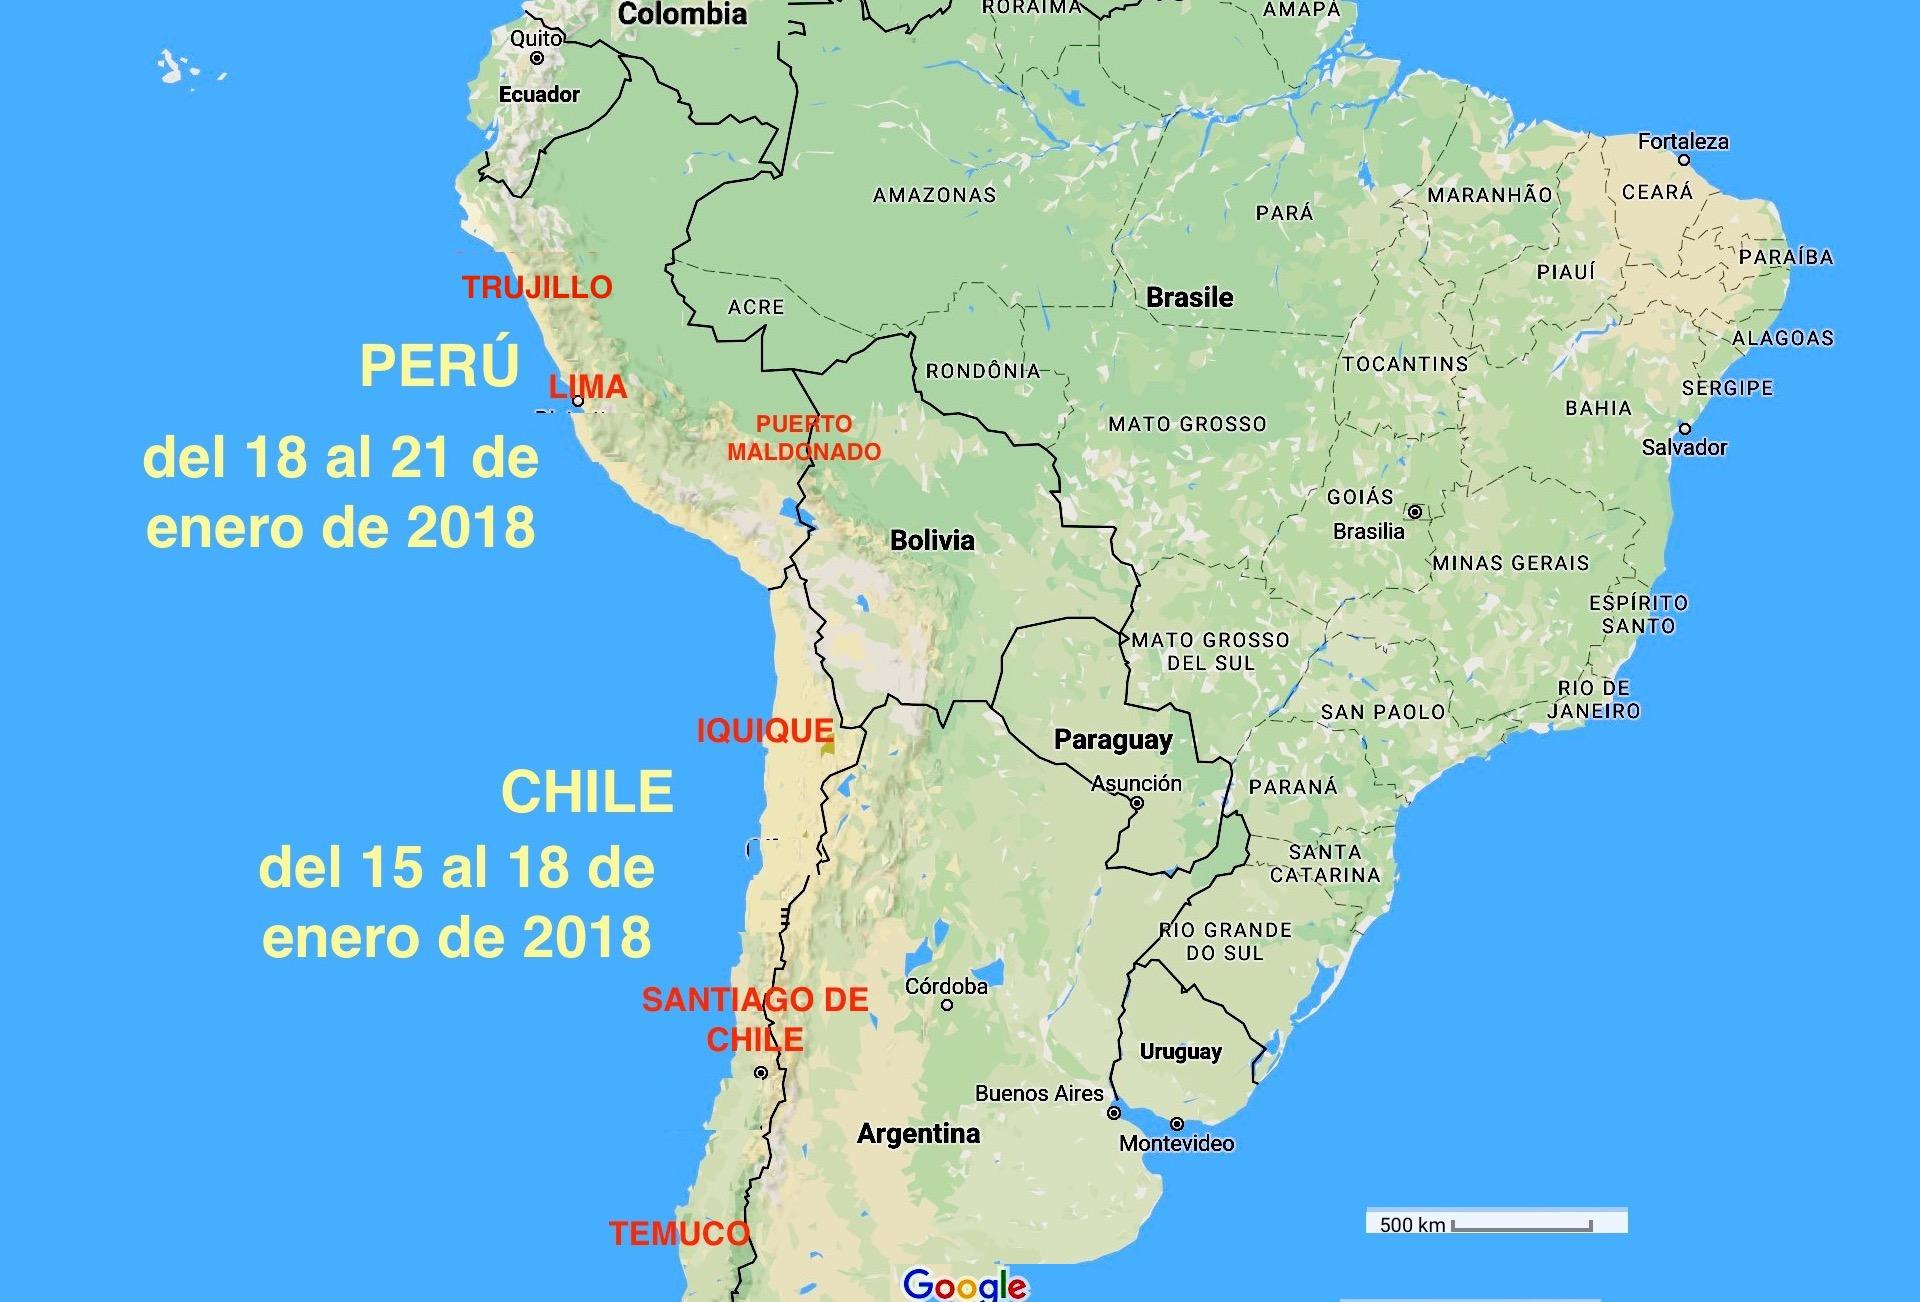 Carte du voyage au Chili et au Pérou